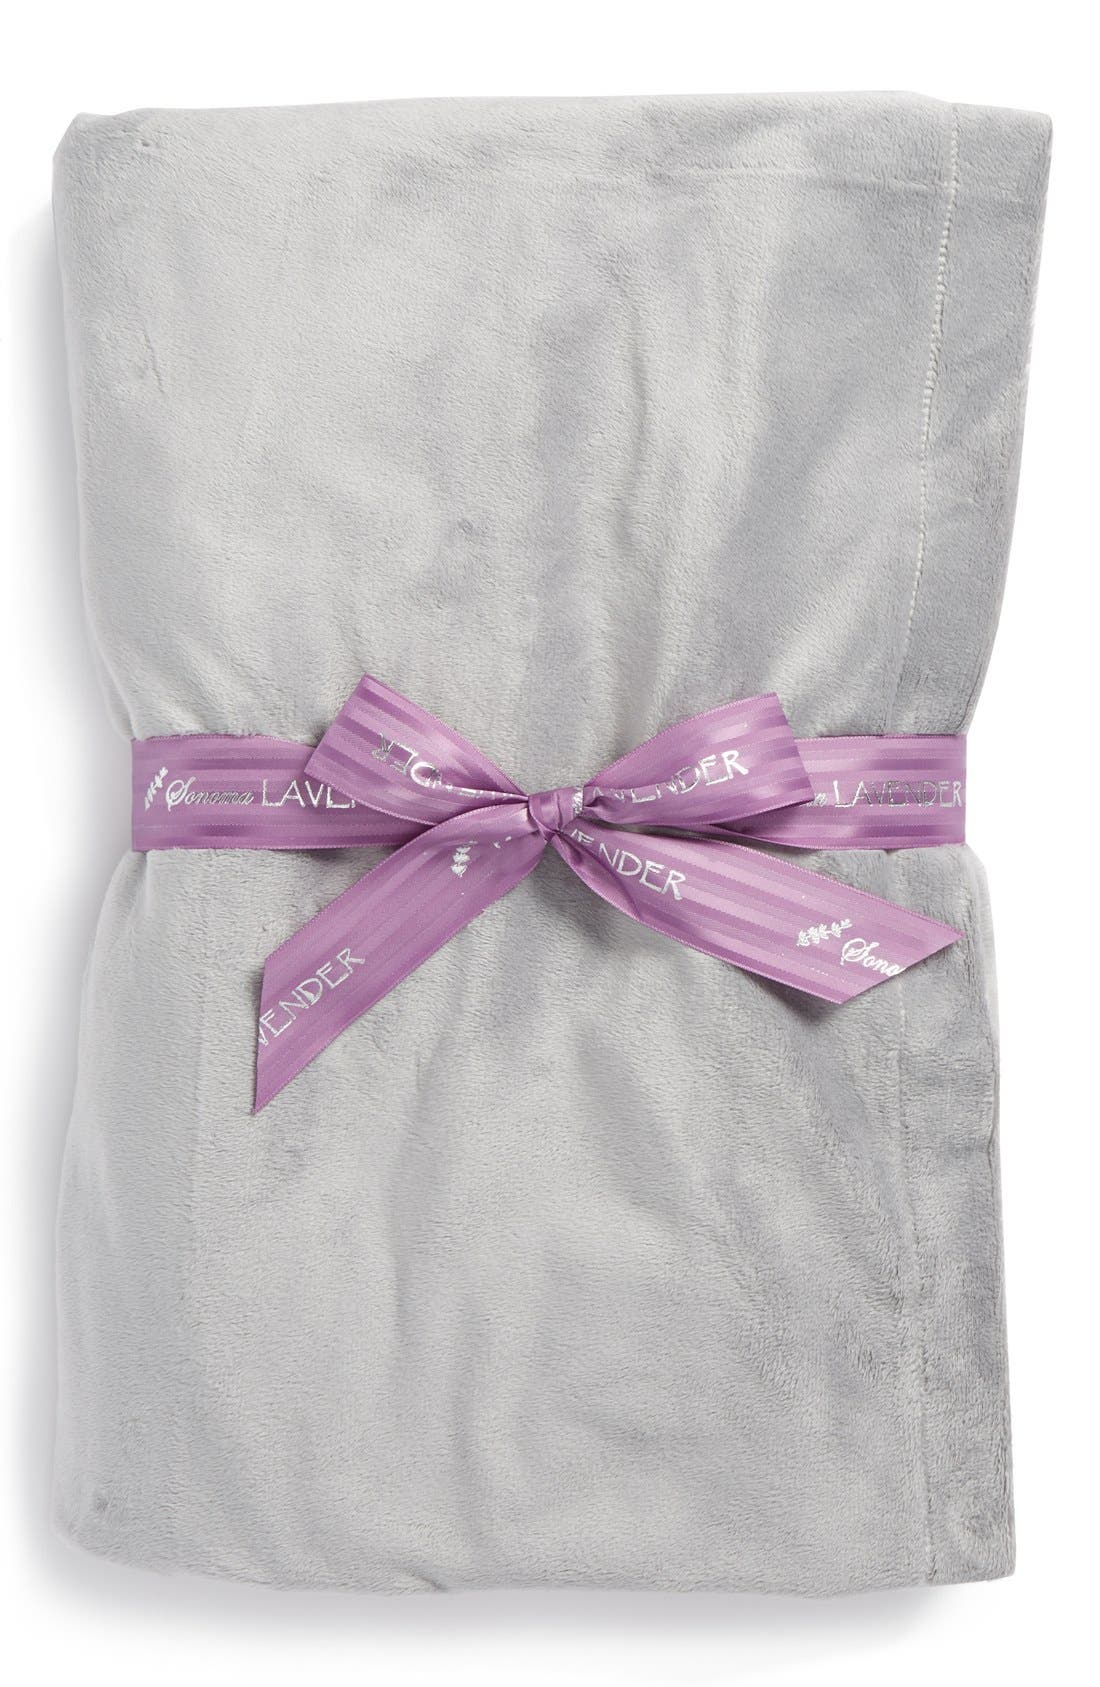 Sonoma Lavender Aromatherapy   Nordstrom